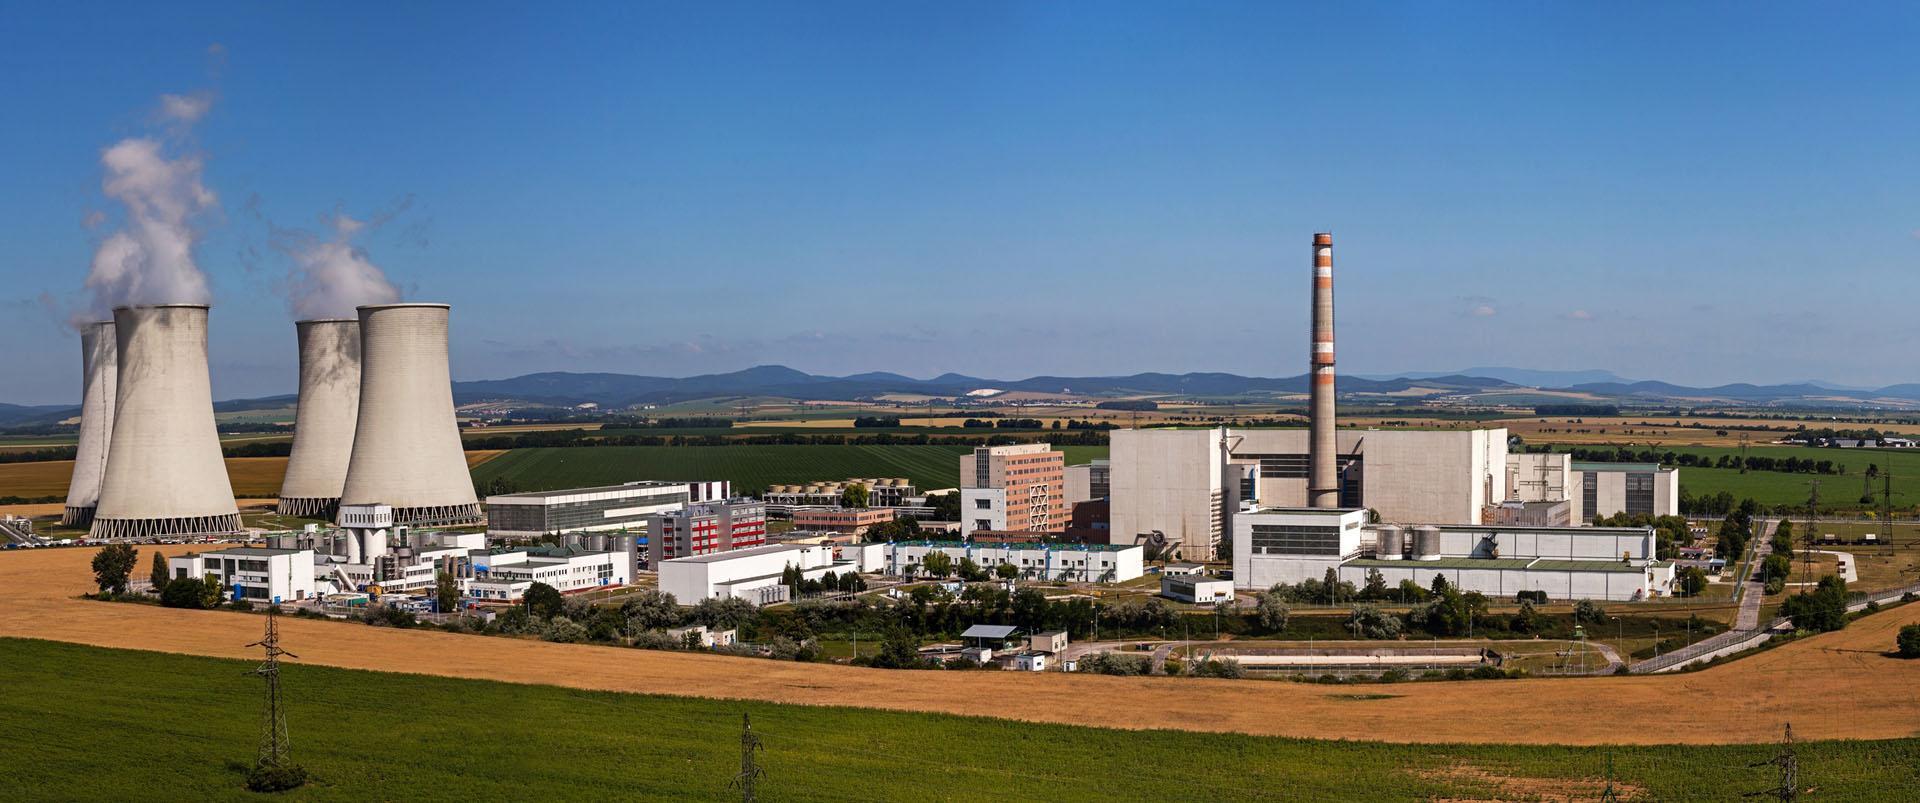 venergetike.sk: Starostovia majú obavy o bezpečnosť jadrovej elektrárne v Bohuniciach